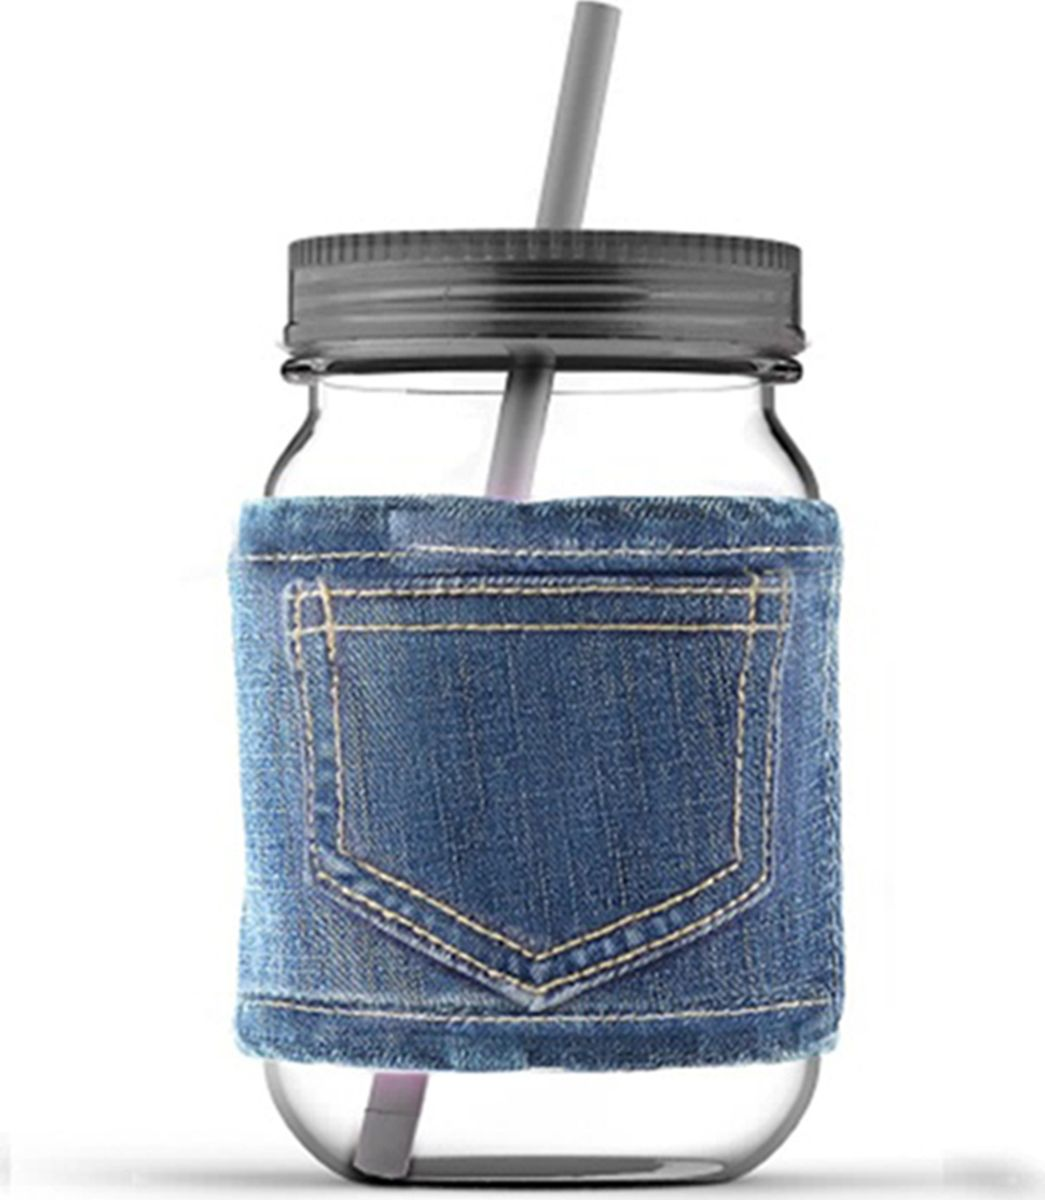 Кружка Asobu Jeans jar, цвет: серый, 750 млMJ05 smokeКружка Asobu Jeans jar для молодых и стильных! Кружки от Asobu ярких и сочных цветов для Ваших самых любимых напитков. Эту кружку многое выделяет среди остальных. Во-первых, ее форма, согласитесь, кружка в виде банки, это оригинально! Во-вторых, ее цвет, который не может не обратить на себя внимания - яркий и сочный, отлично подойдет для любого сезона. В-третьих, необычный джинсовый чехол, который позволит пить Вам даже горячие напитки, не обжигая рук, а также сохранит напиток горячим дольше. Особенности: Съемный джинсовый чехол.Соломинка в комплекте.Крышка в комплекте.750 мл.